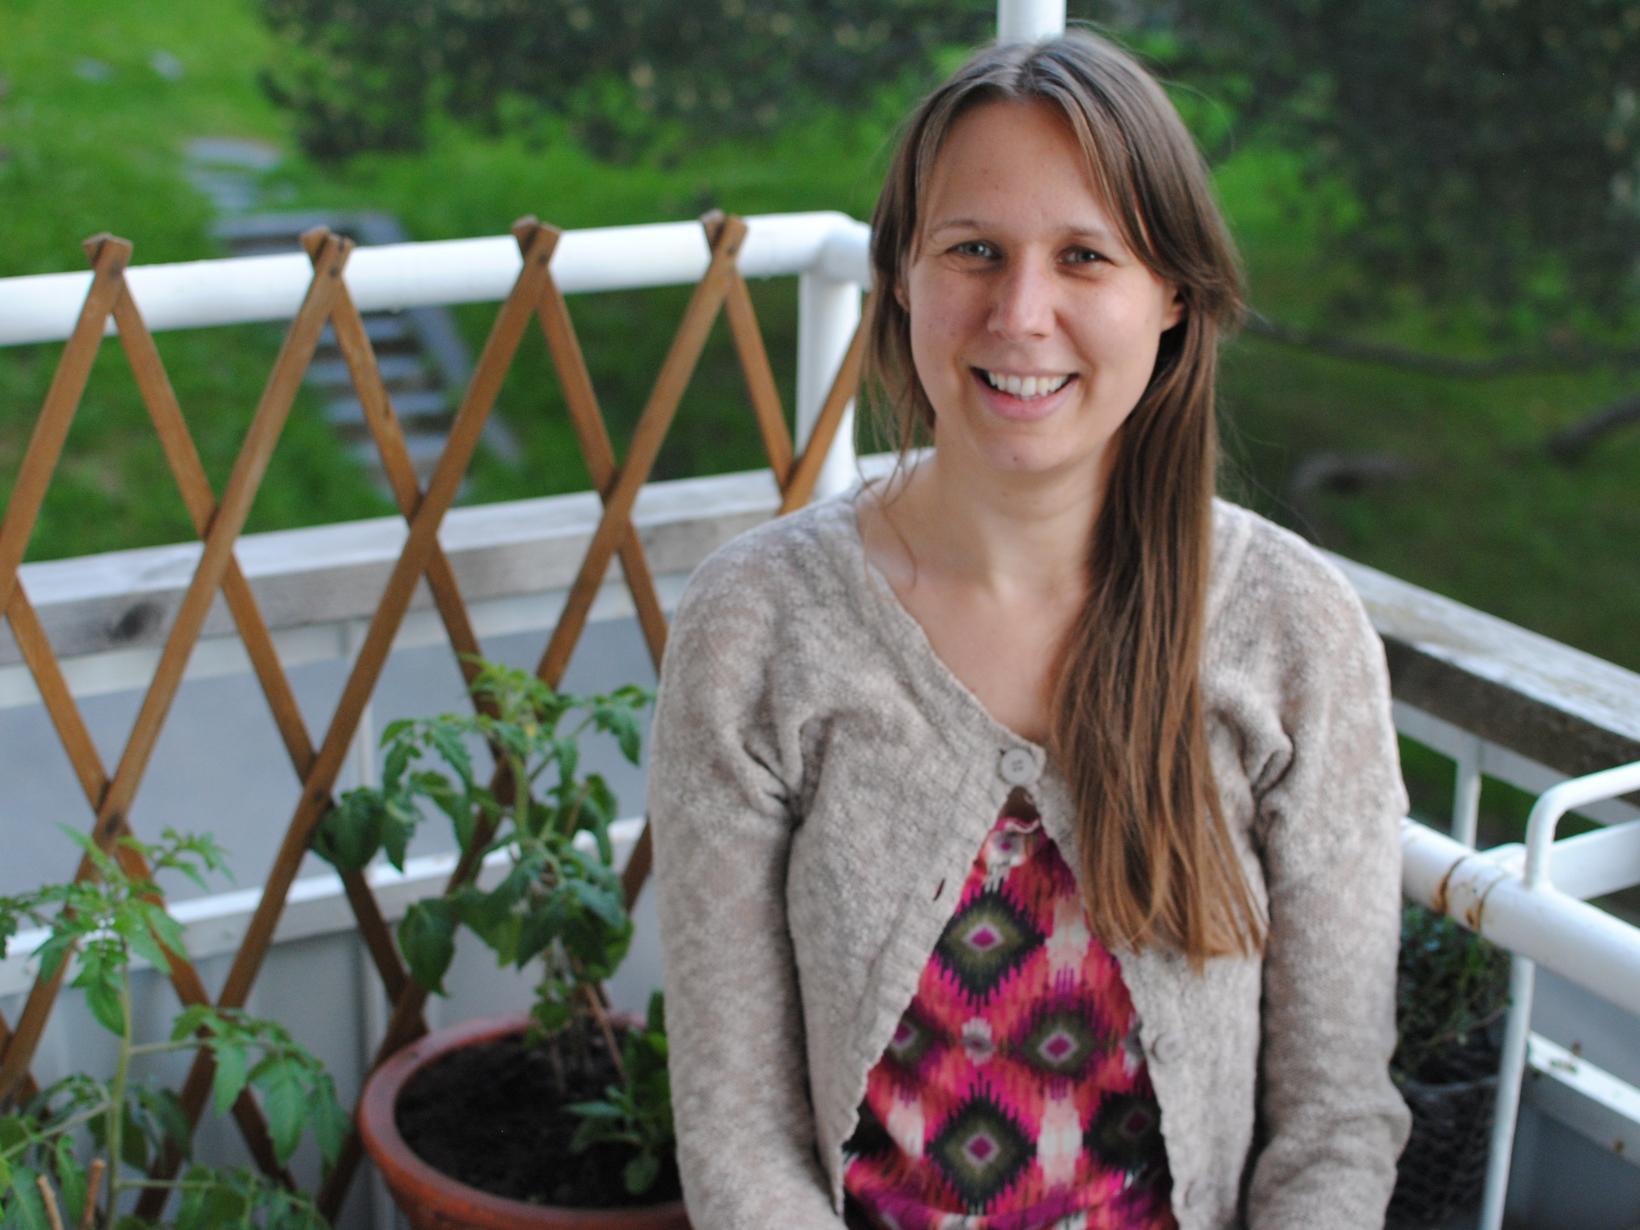 Johanna from Jyväskylä, Finland